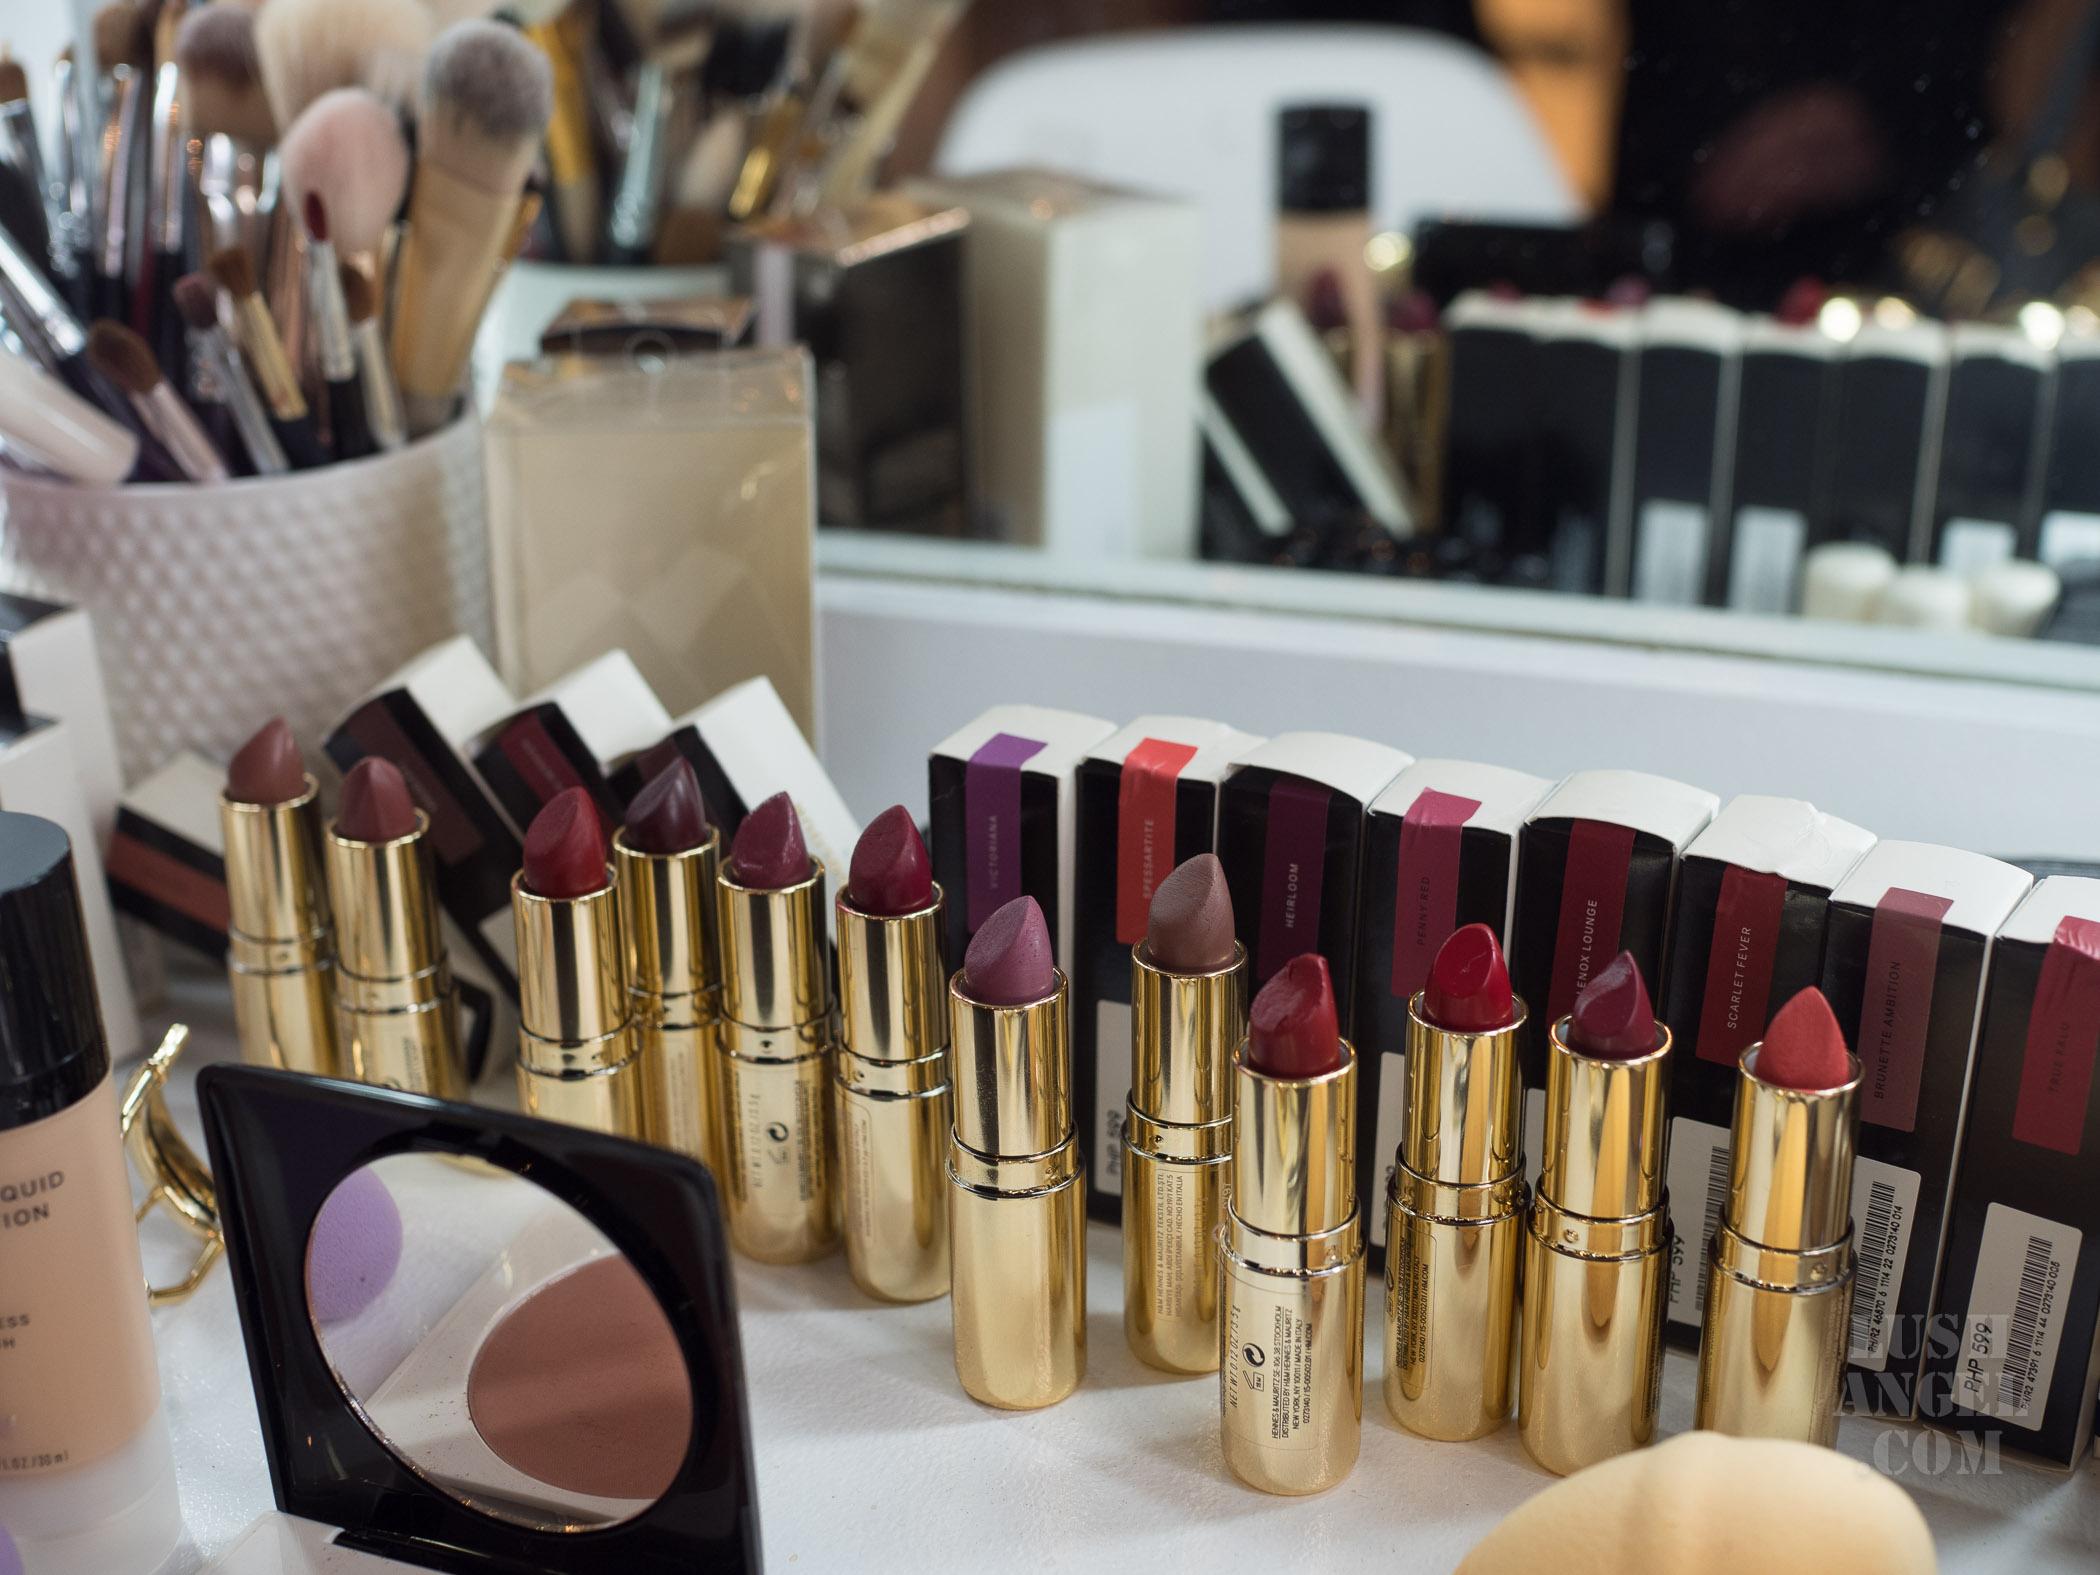 hm-makeup-review